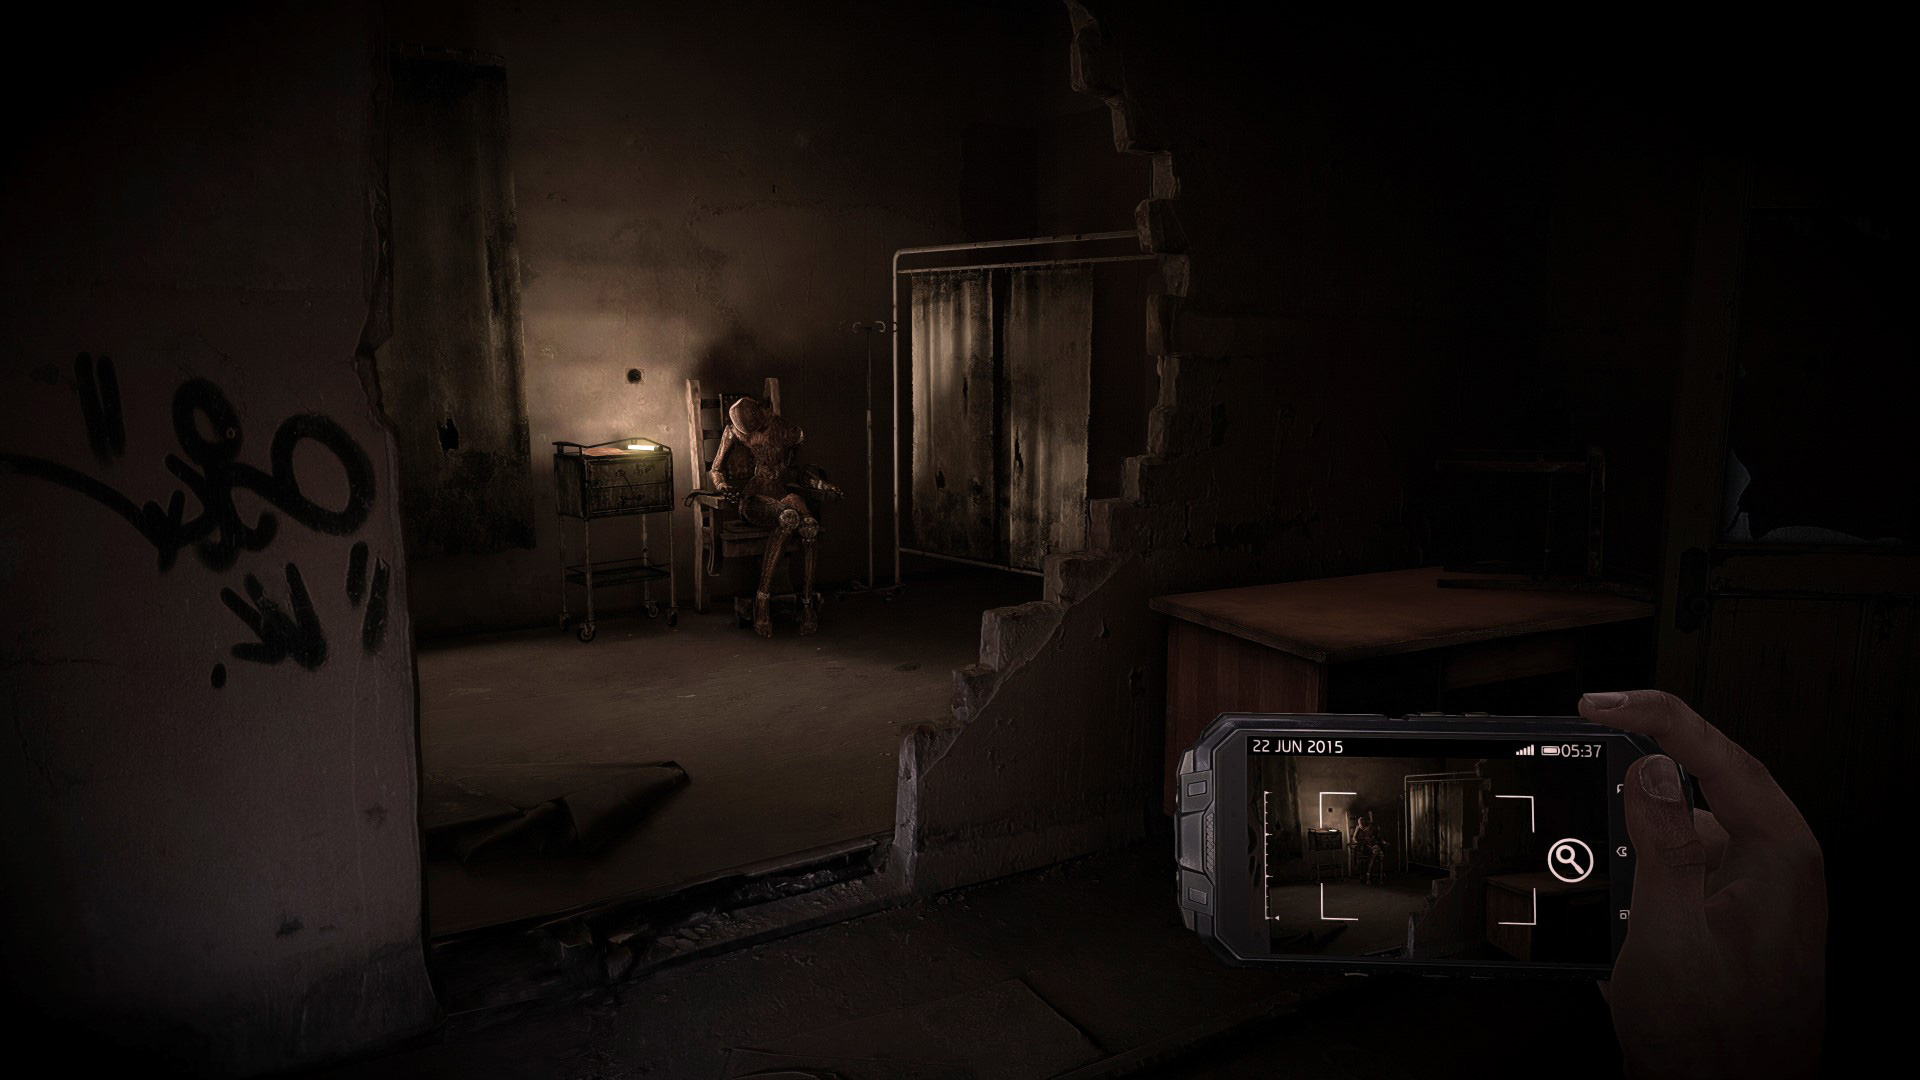 Det lurer et uhyggelig skue rundt hver krok på mentalsykehuset. (Foto: Bandai Namco Entertainment)